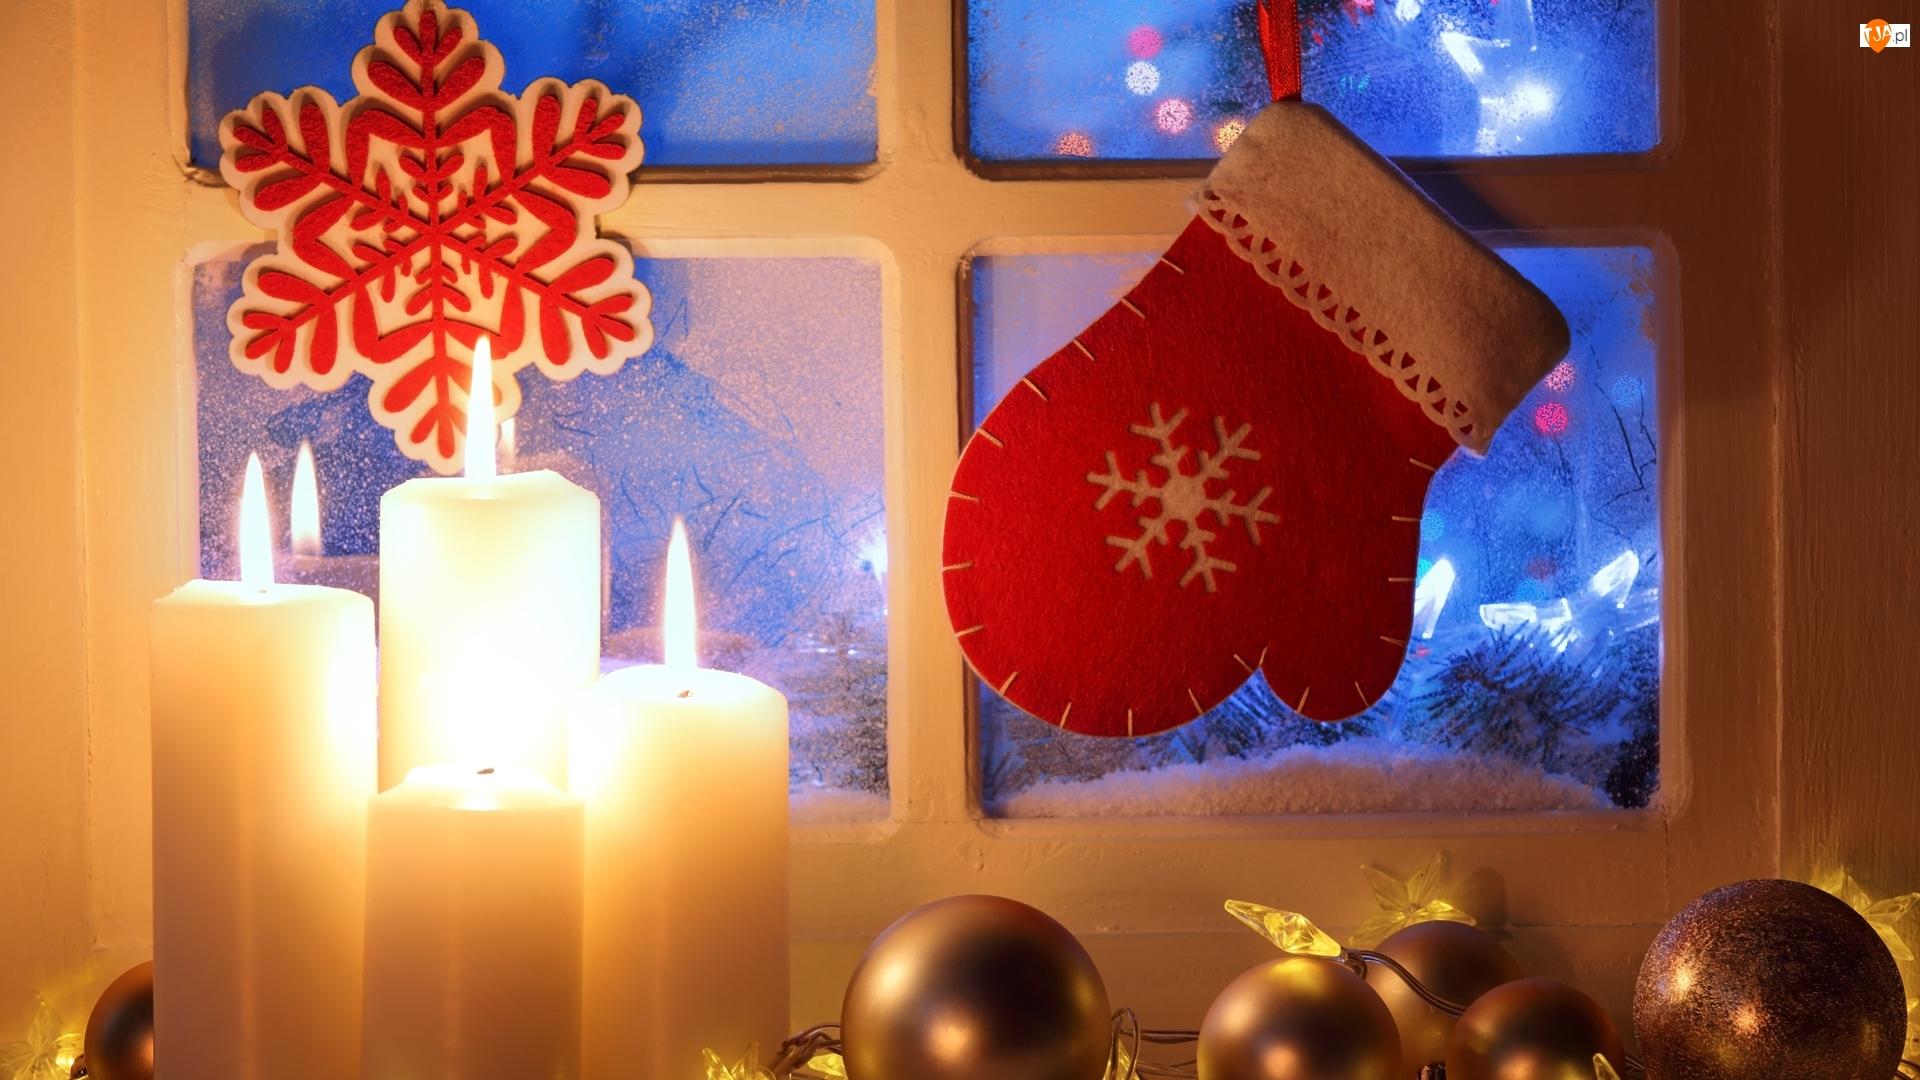 Kompozycja, Okno, Boże Narodzenie, Świąteczna, Bombki, Świece, Dekoracja